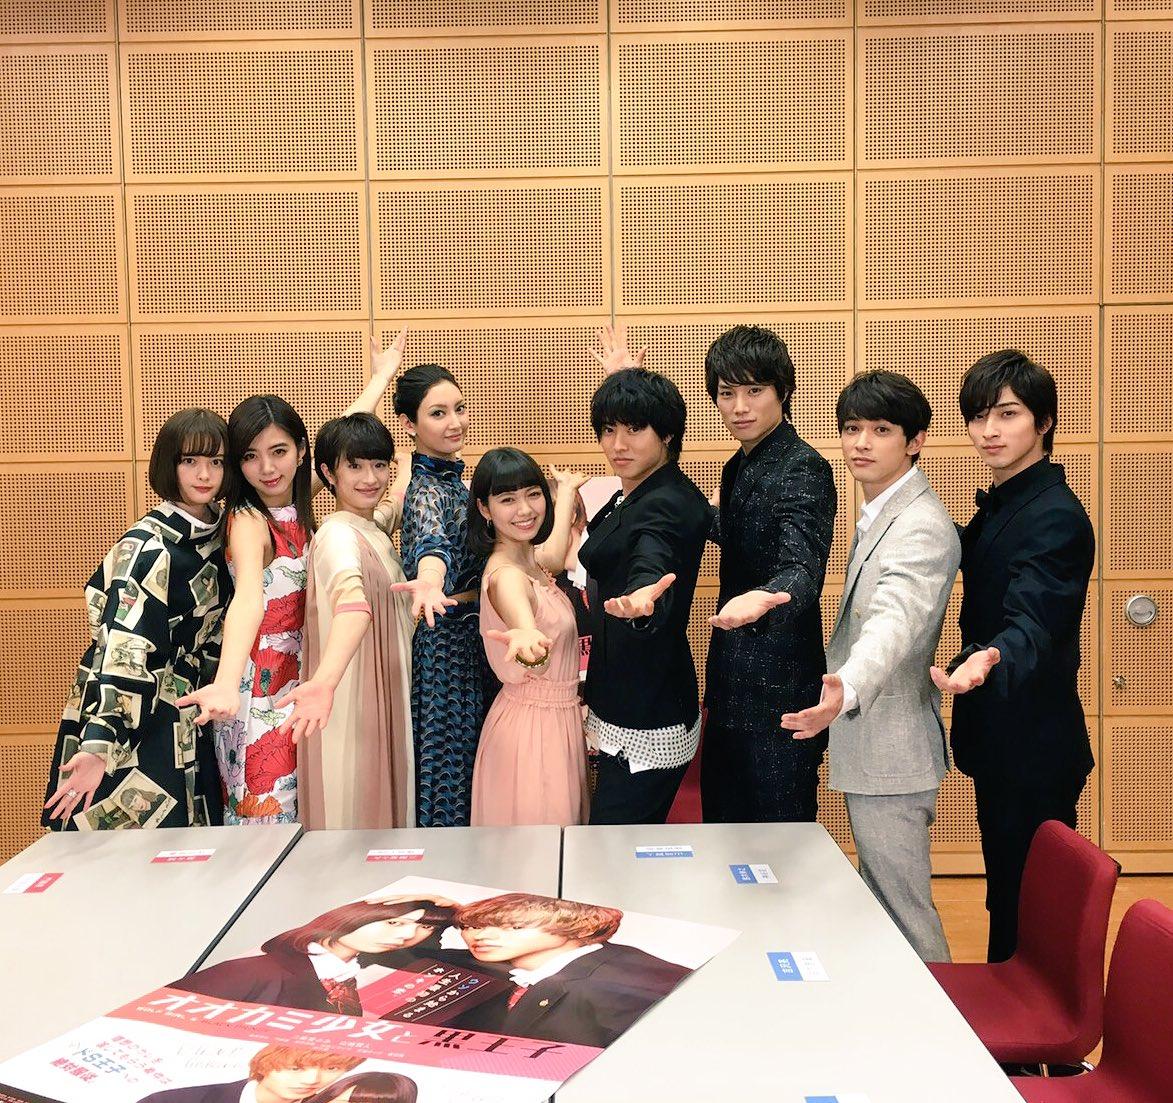 【🎁RTプレゼント🎁】『#オオカミ少女と黒王子』LINE LIVE 50万ハート達成記念!当アカウントをフォロー&この投